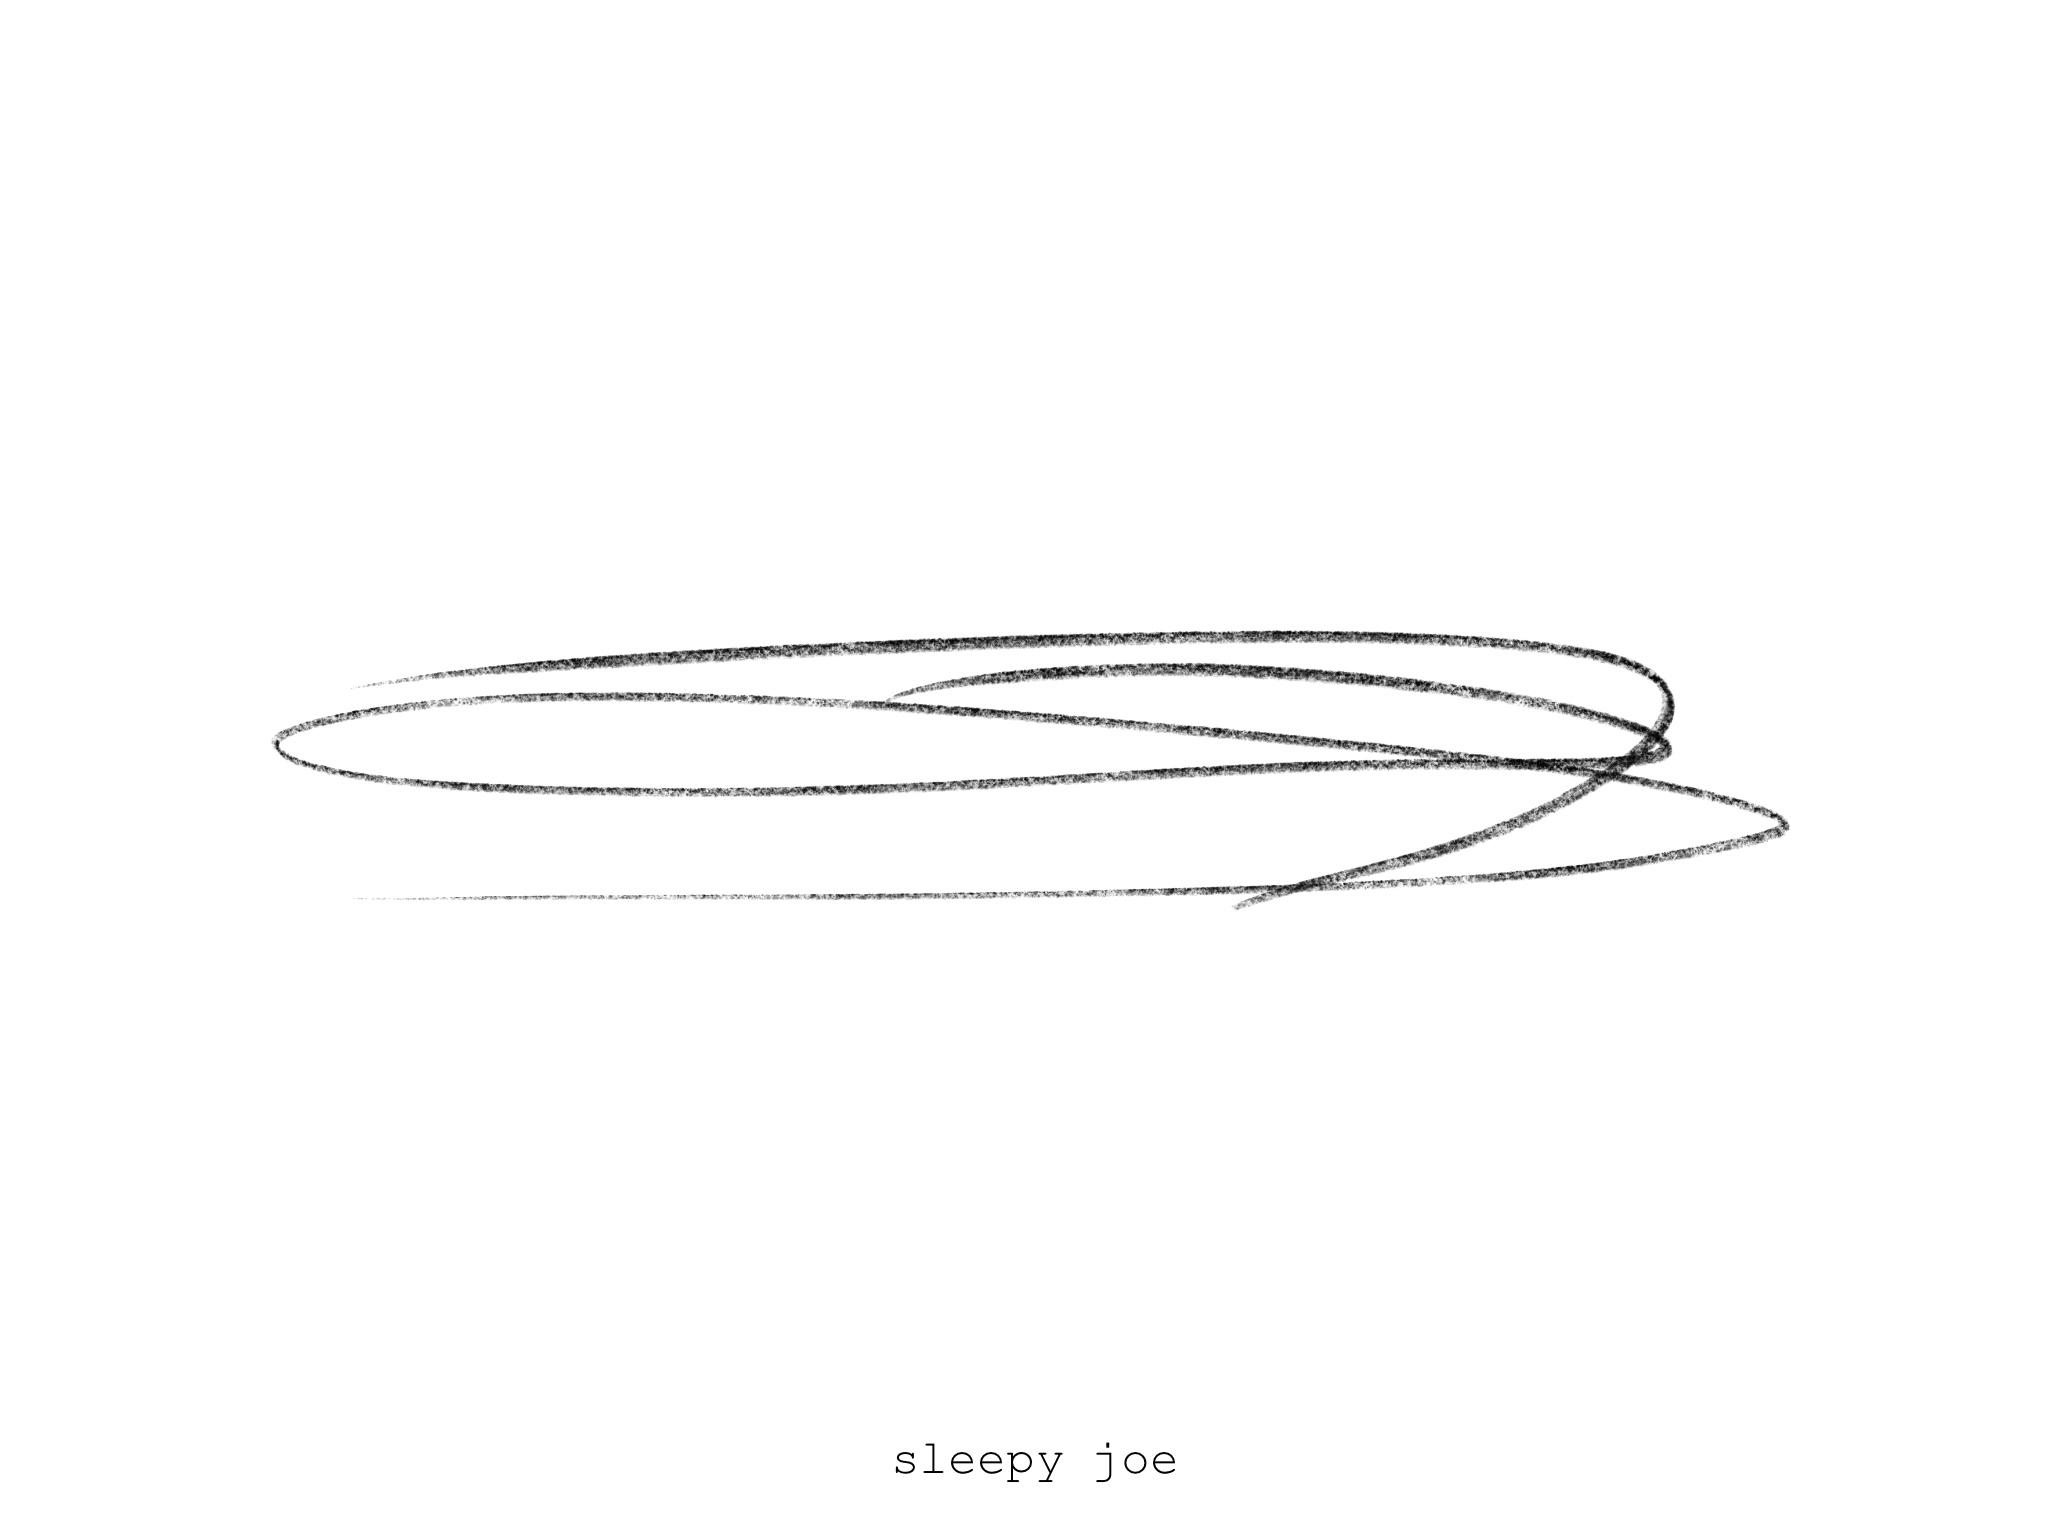 Sleep Joe